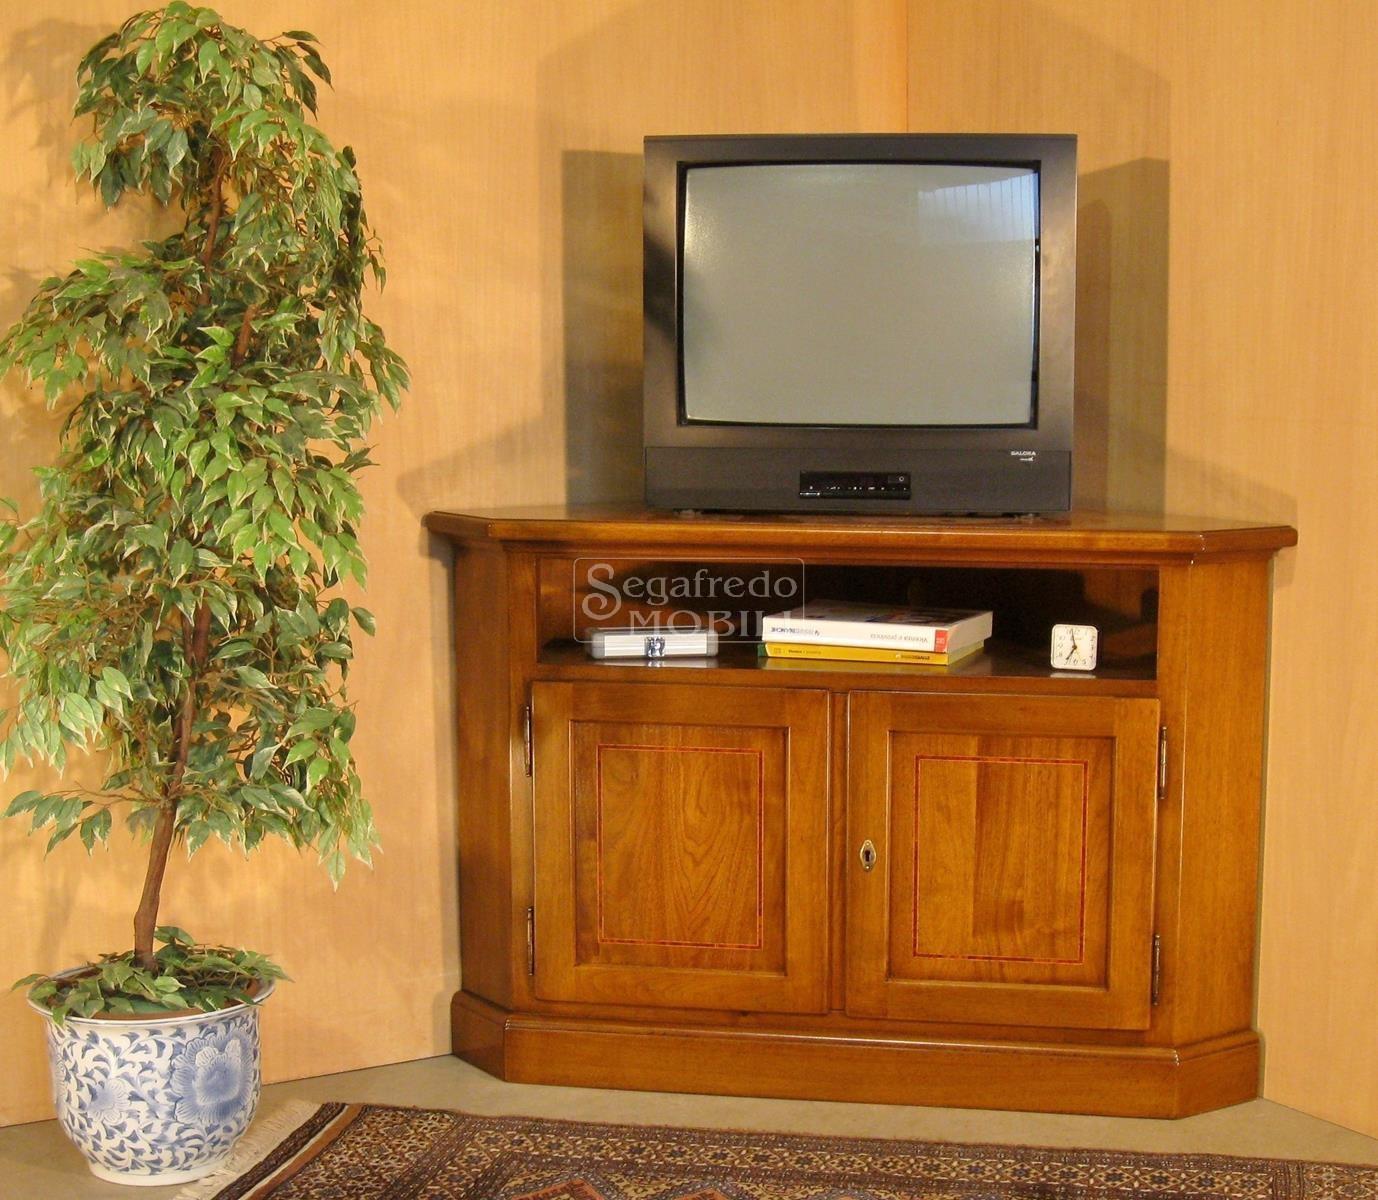 Porta tv ad angolo in legno massiccio mobilificio segafredo mobili arredamenti su misura - Mobili per tv ad angolo ...